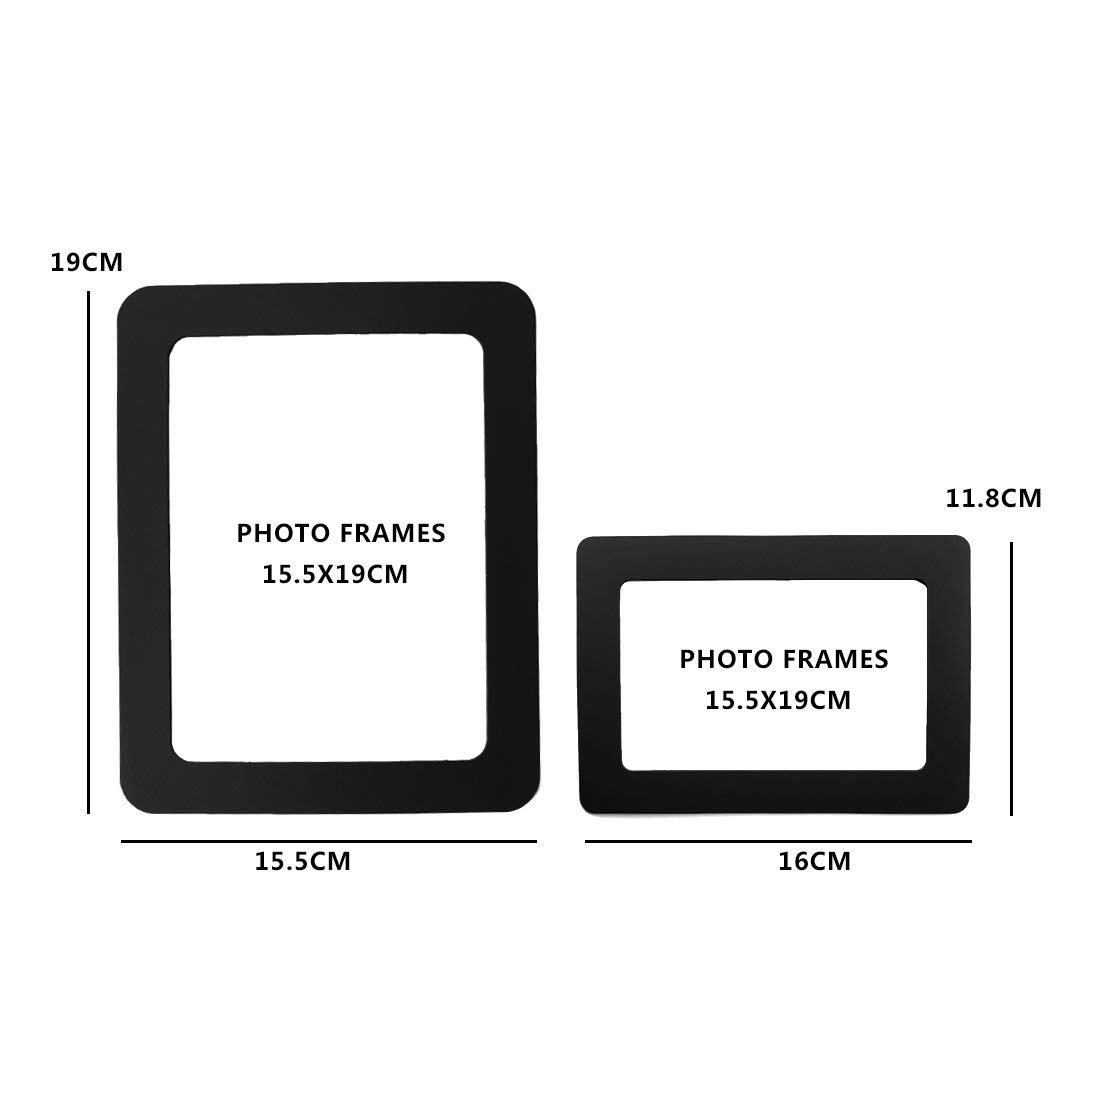 Magnetic Fridge Frames Homeware: Buy Online from Fishpond.com.au